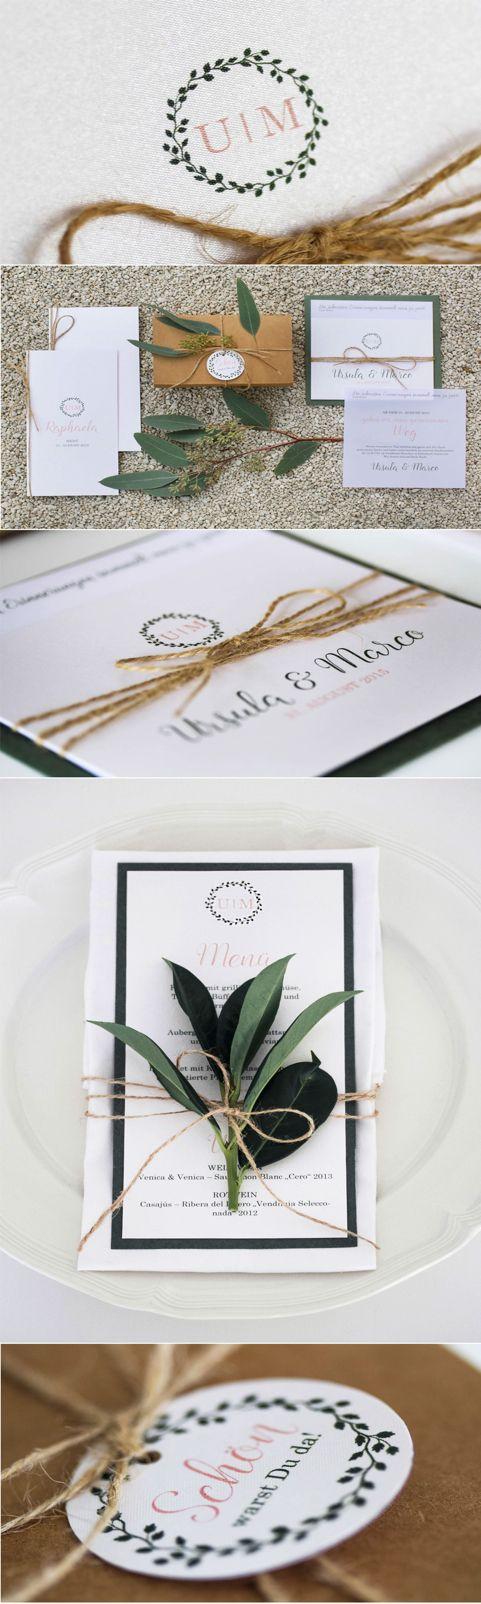 Hochzeitseinladung Natürlich elegant - wedding invitation natural and elegant